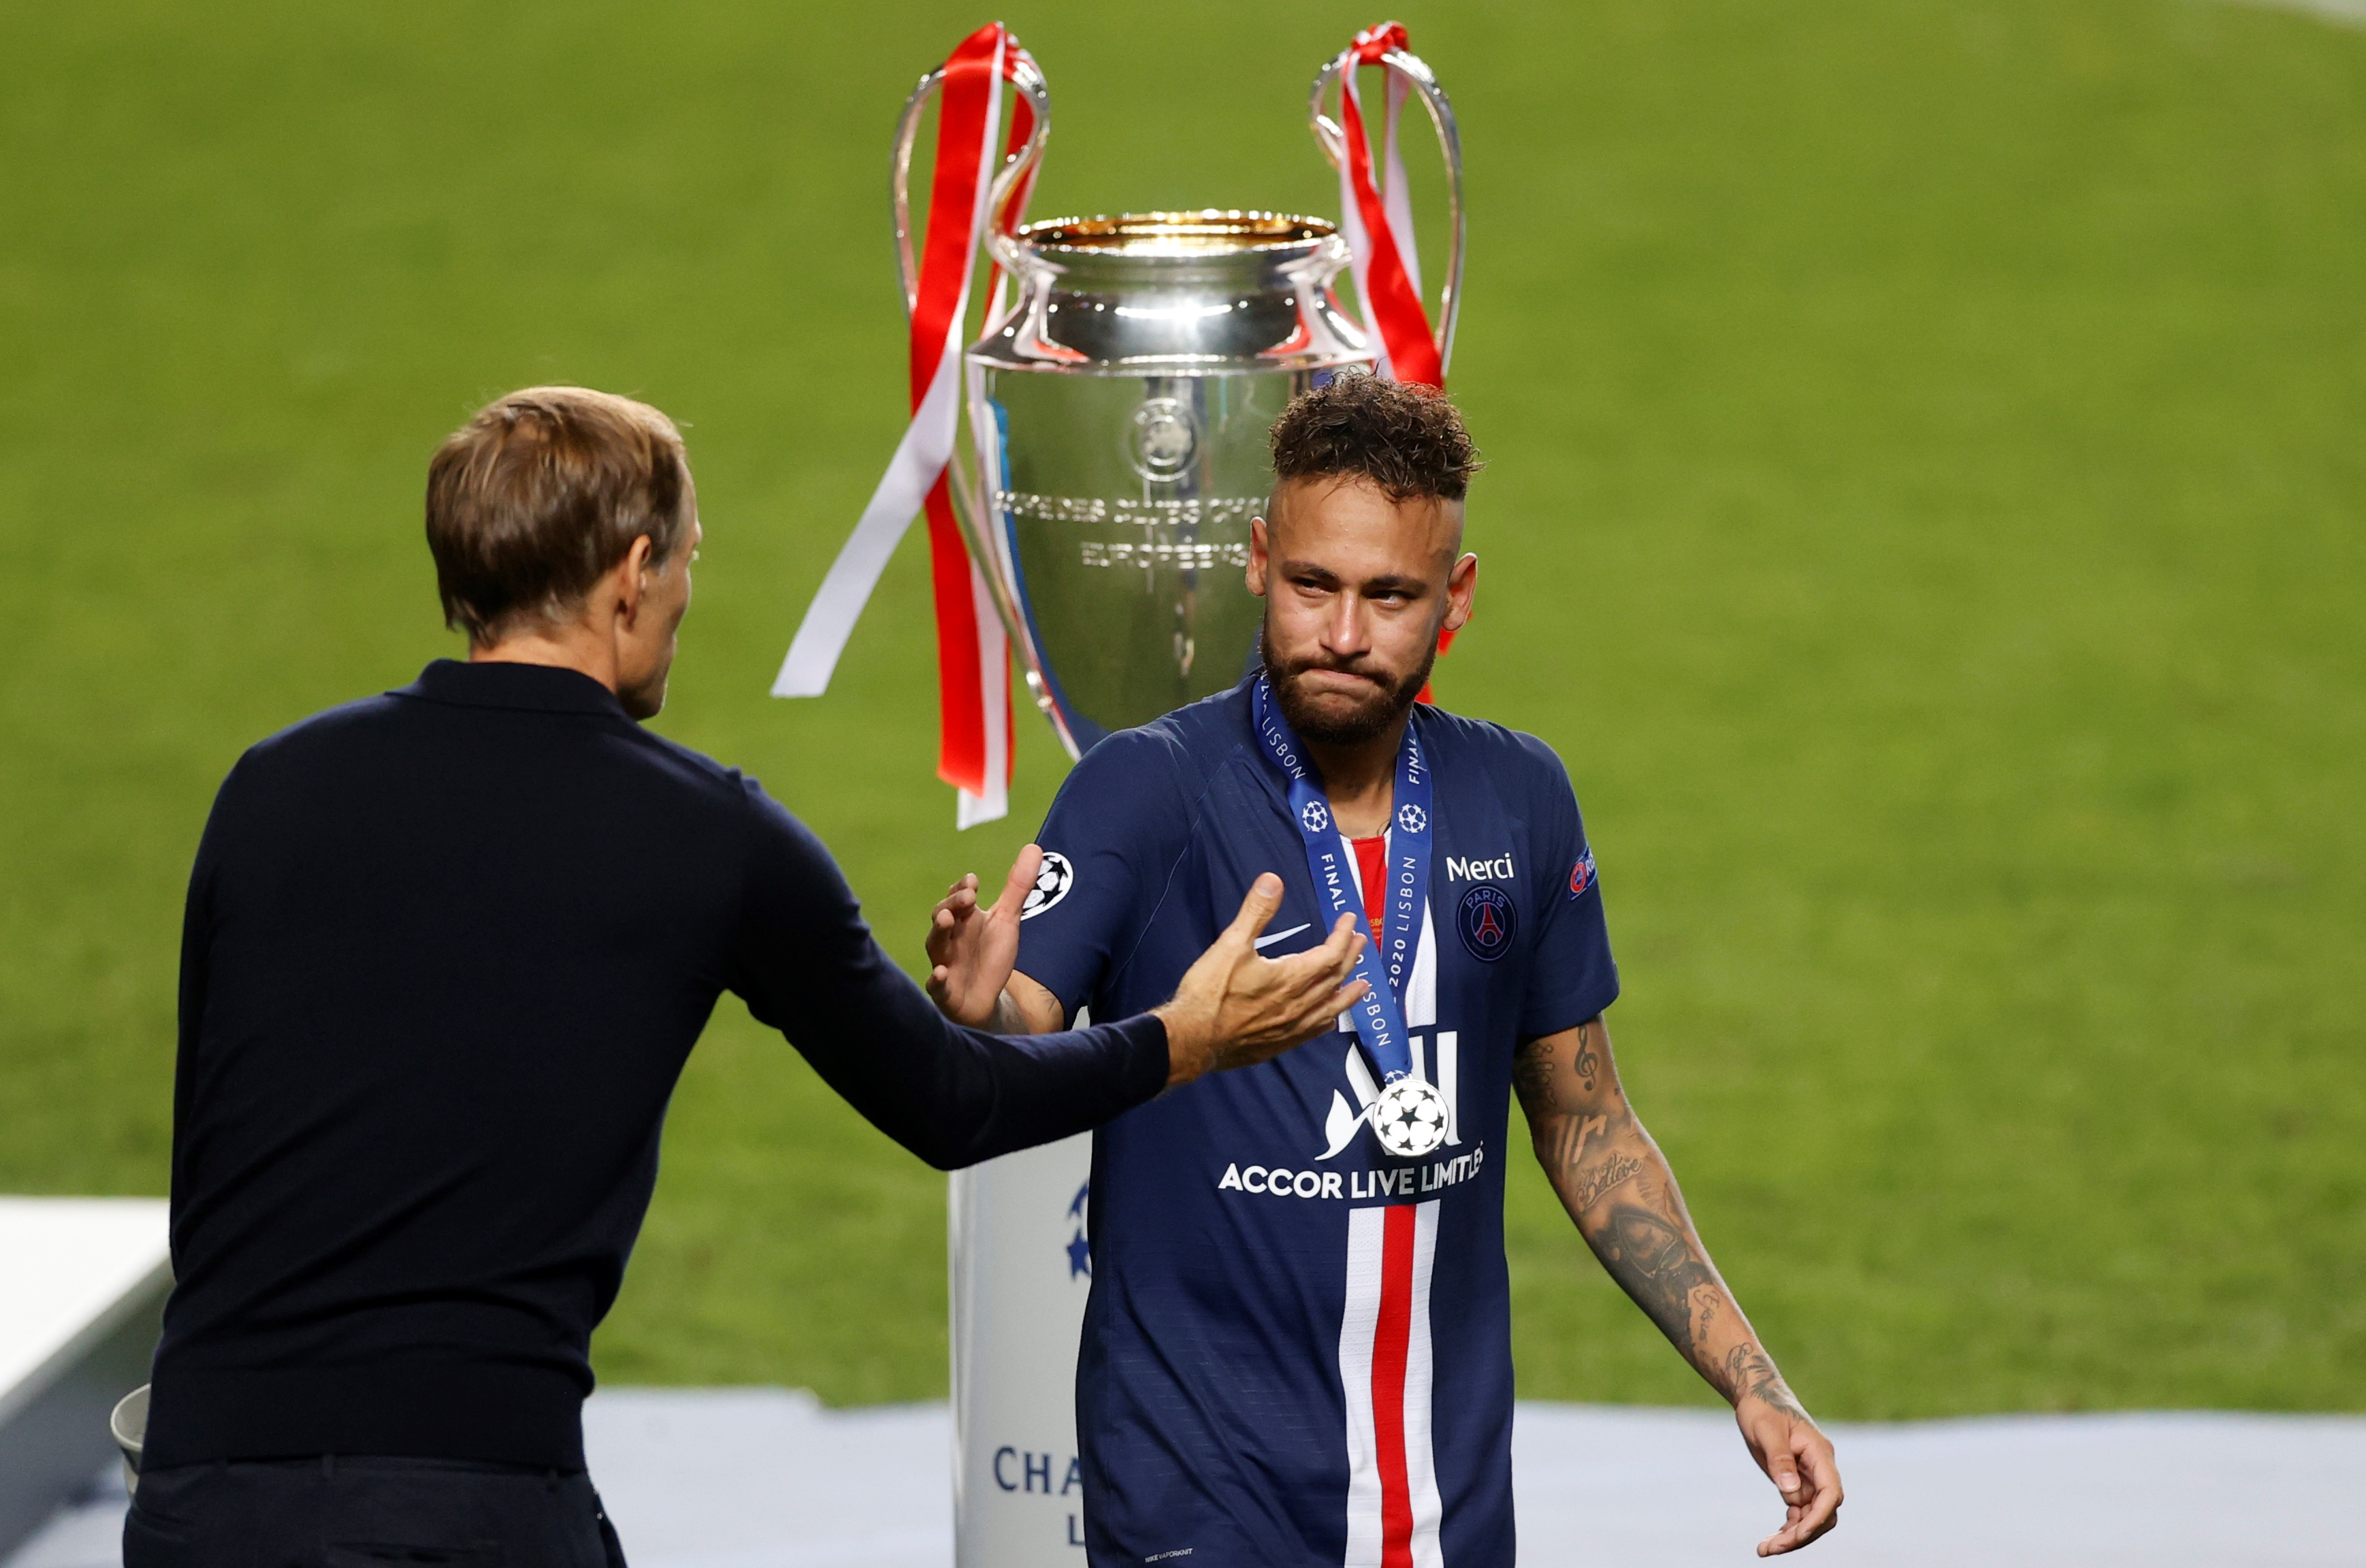 Neymar com a medalha de vice-campeão da Champions League 2019/20